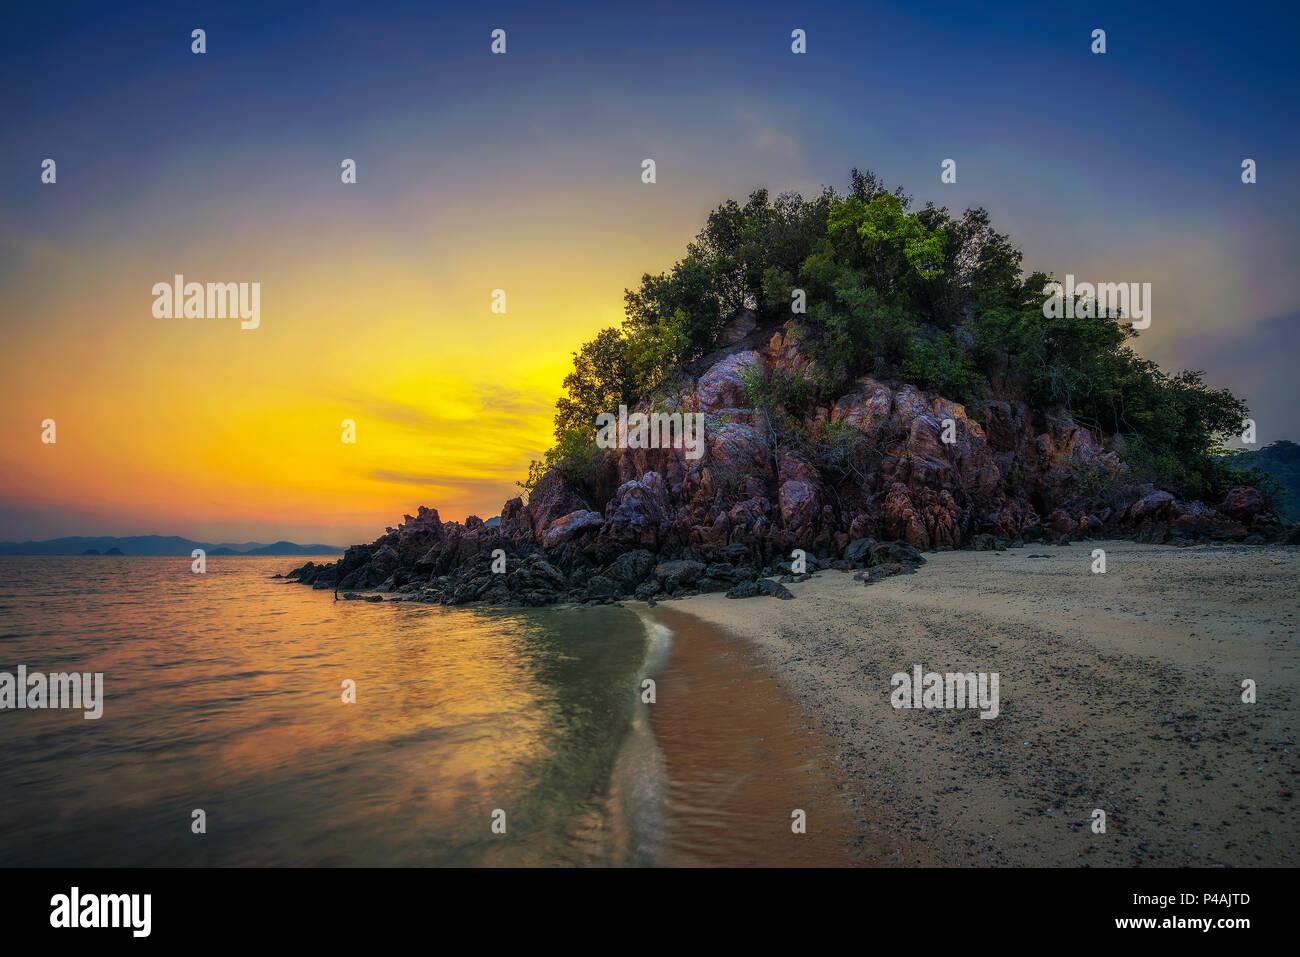 Ocaso sobre el archipiélago Laopilae alrededor de Ko Hong isla cerca de Krabi, Tailandia Foto de stock